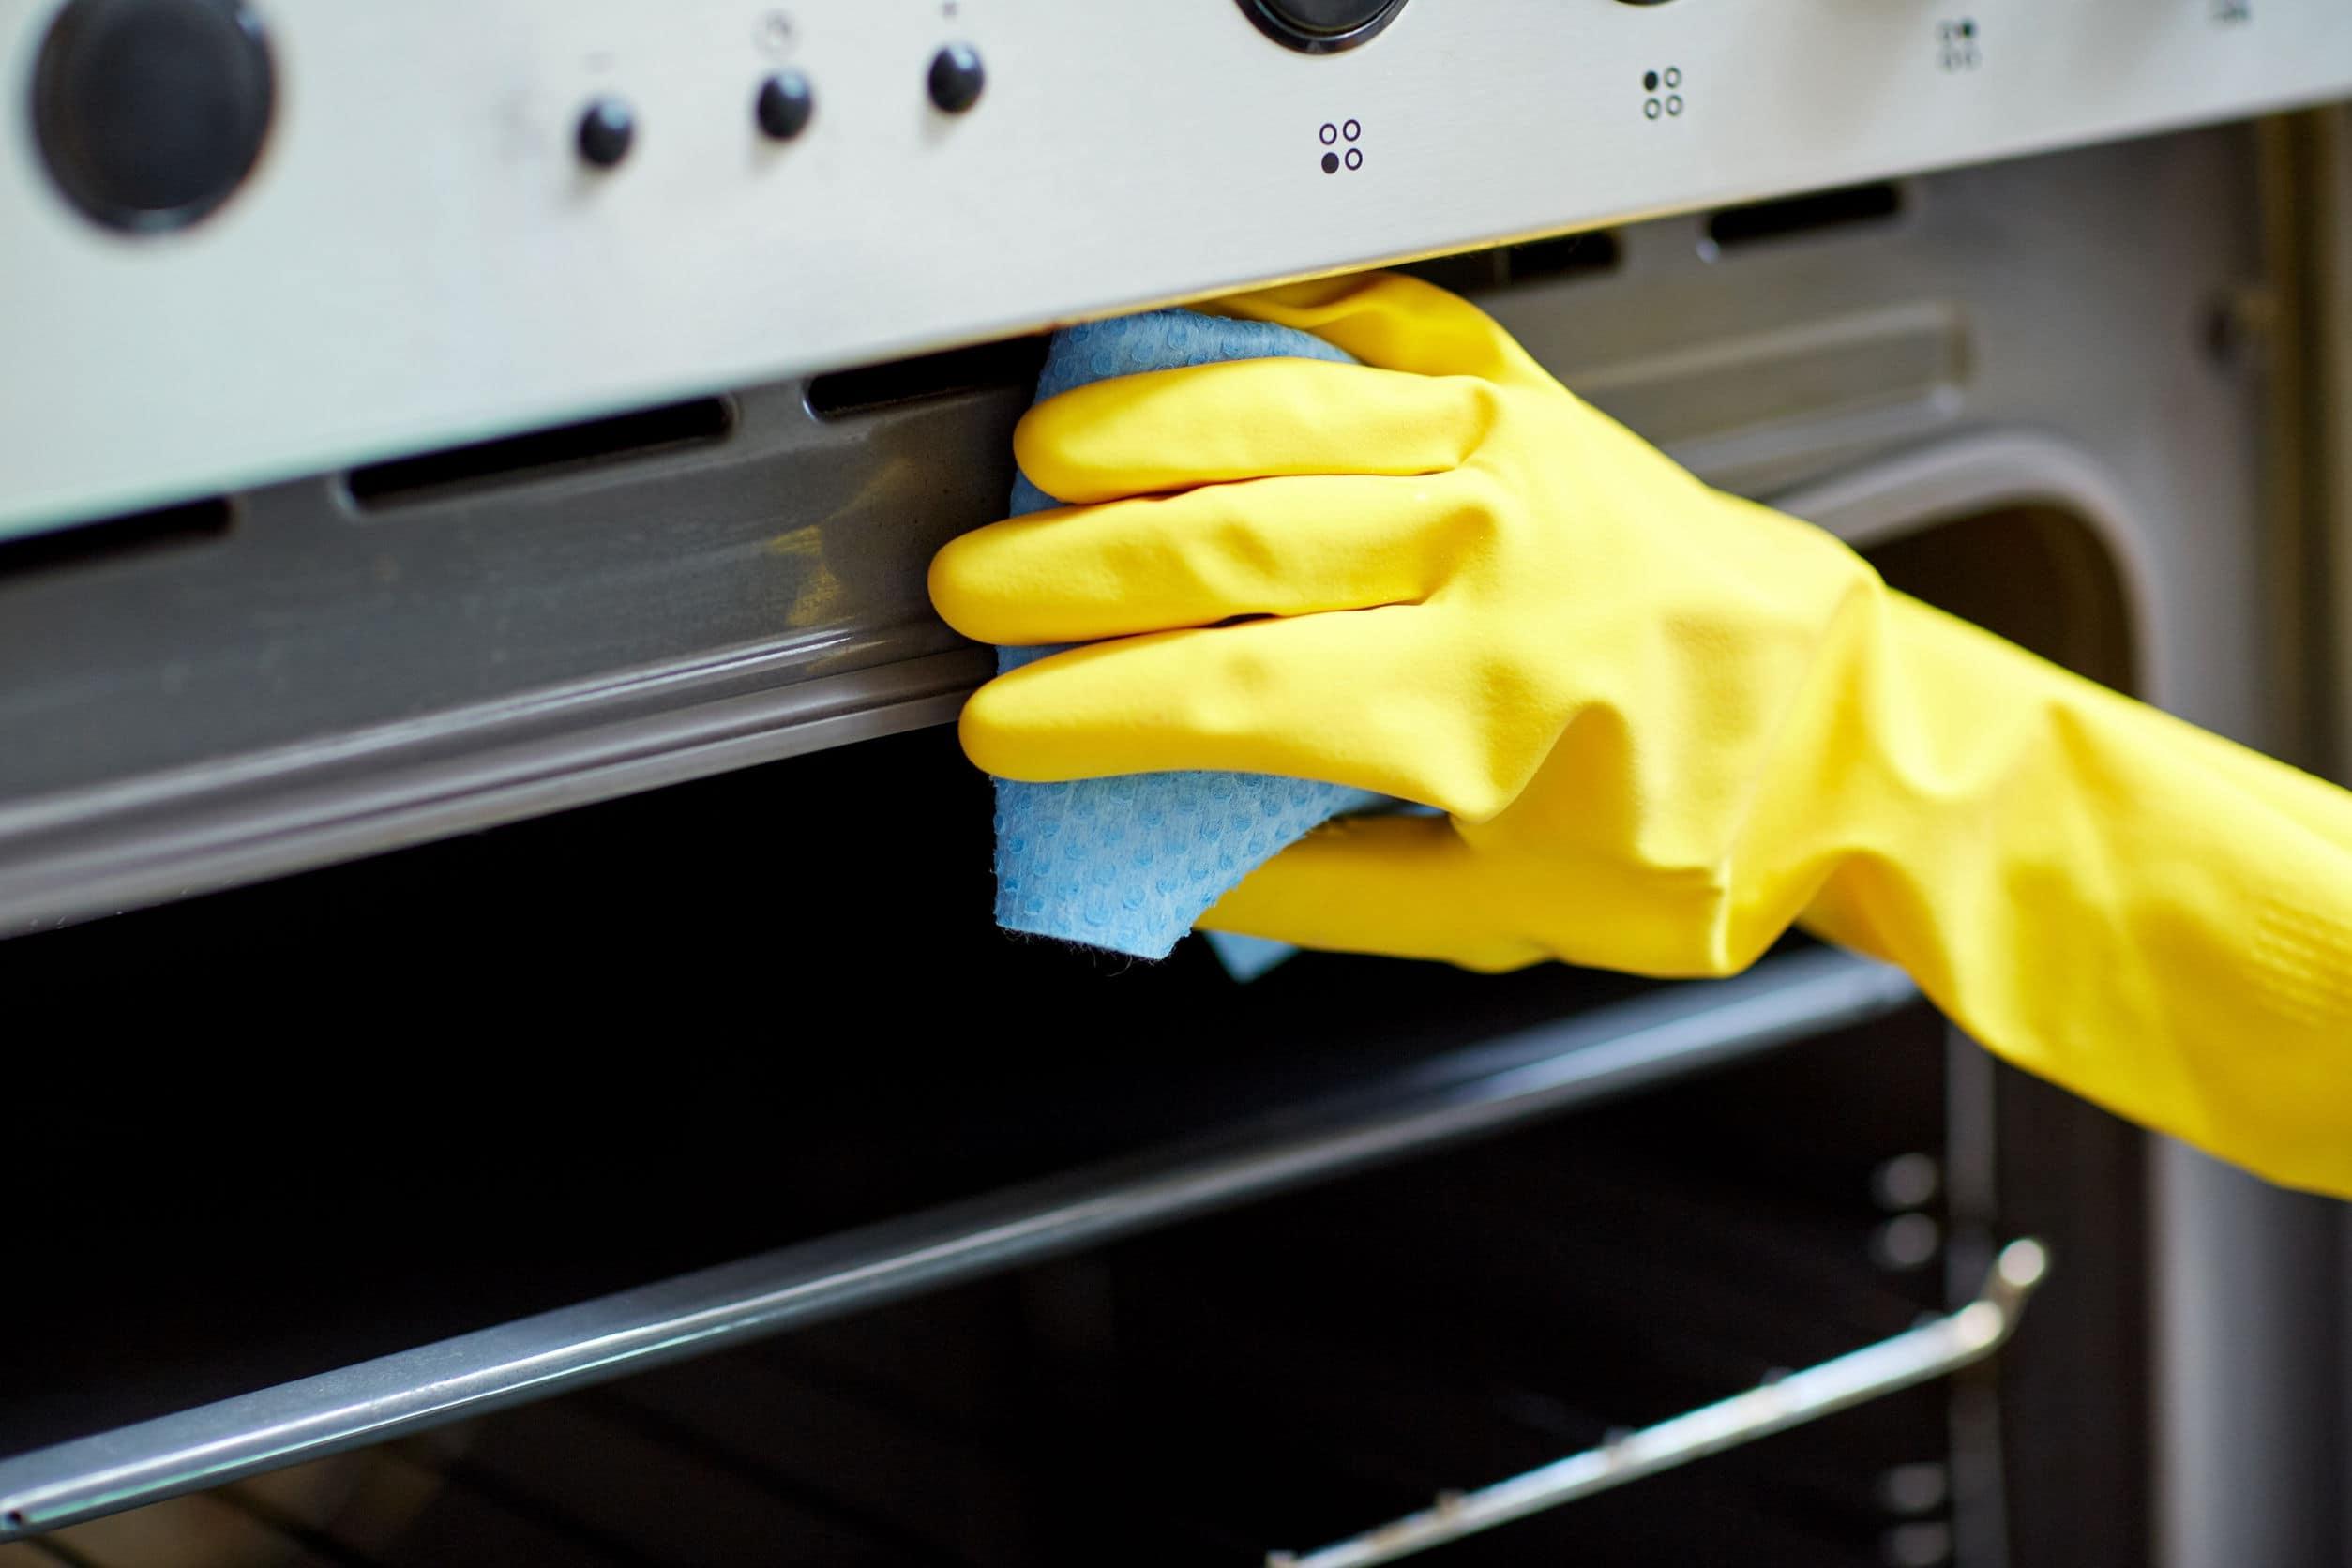 Backofen mit Backpulver reinigen: So einfach geht's